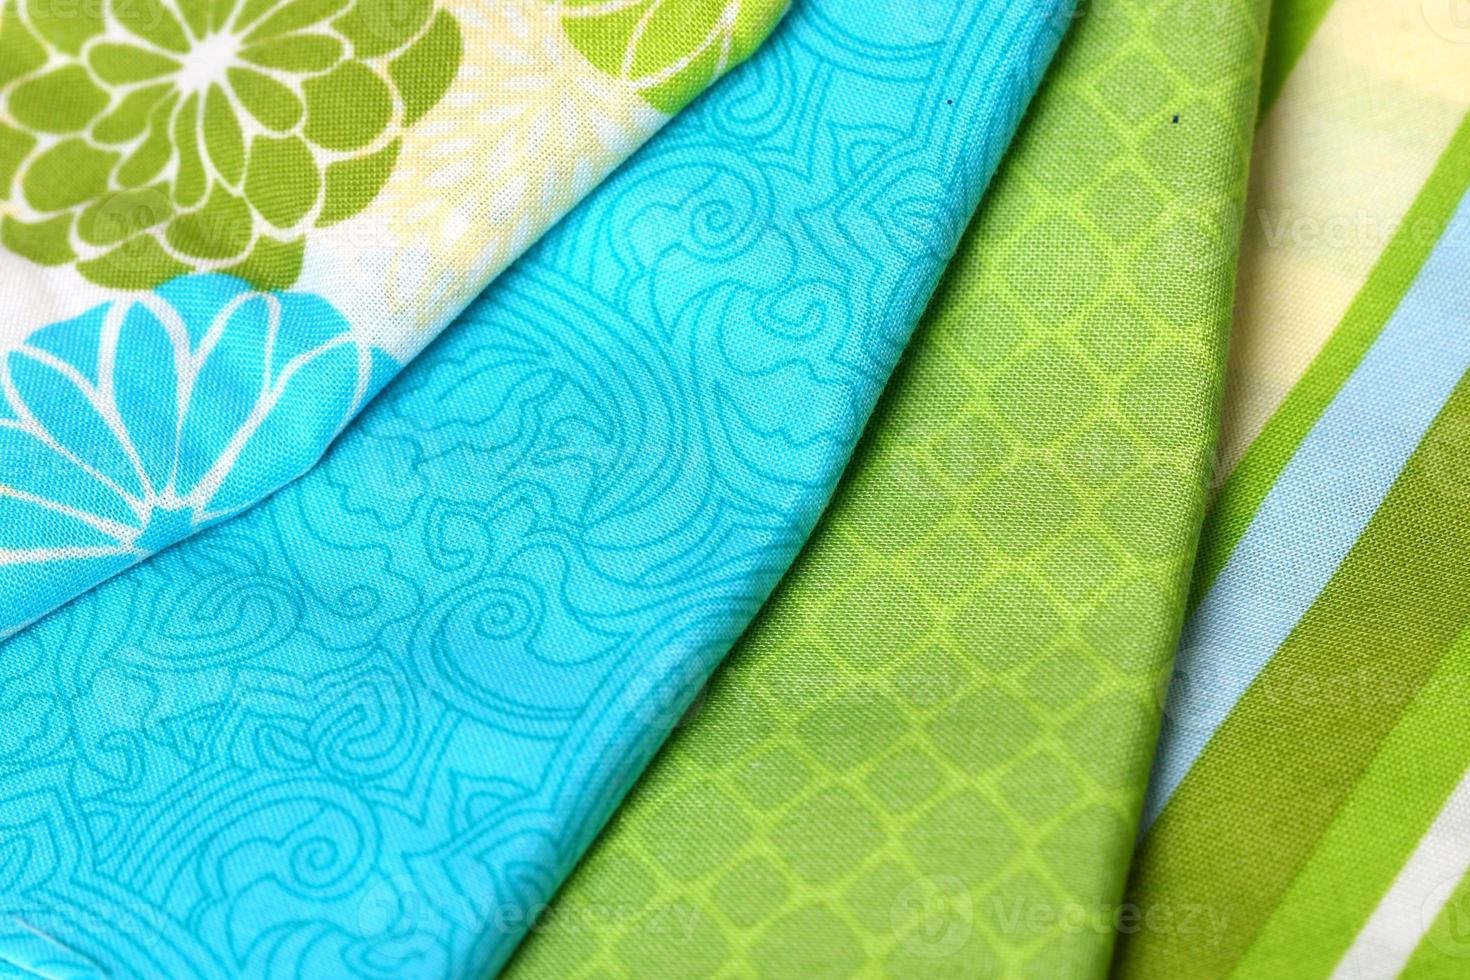 blauw en groen kleurrijk palet van stof foto